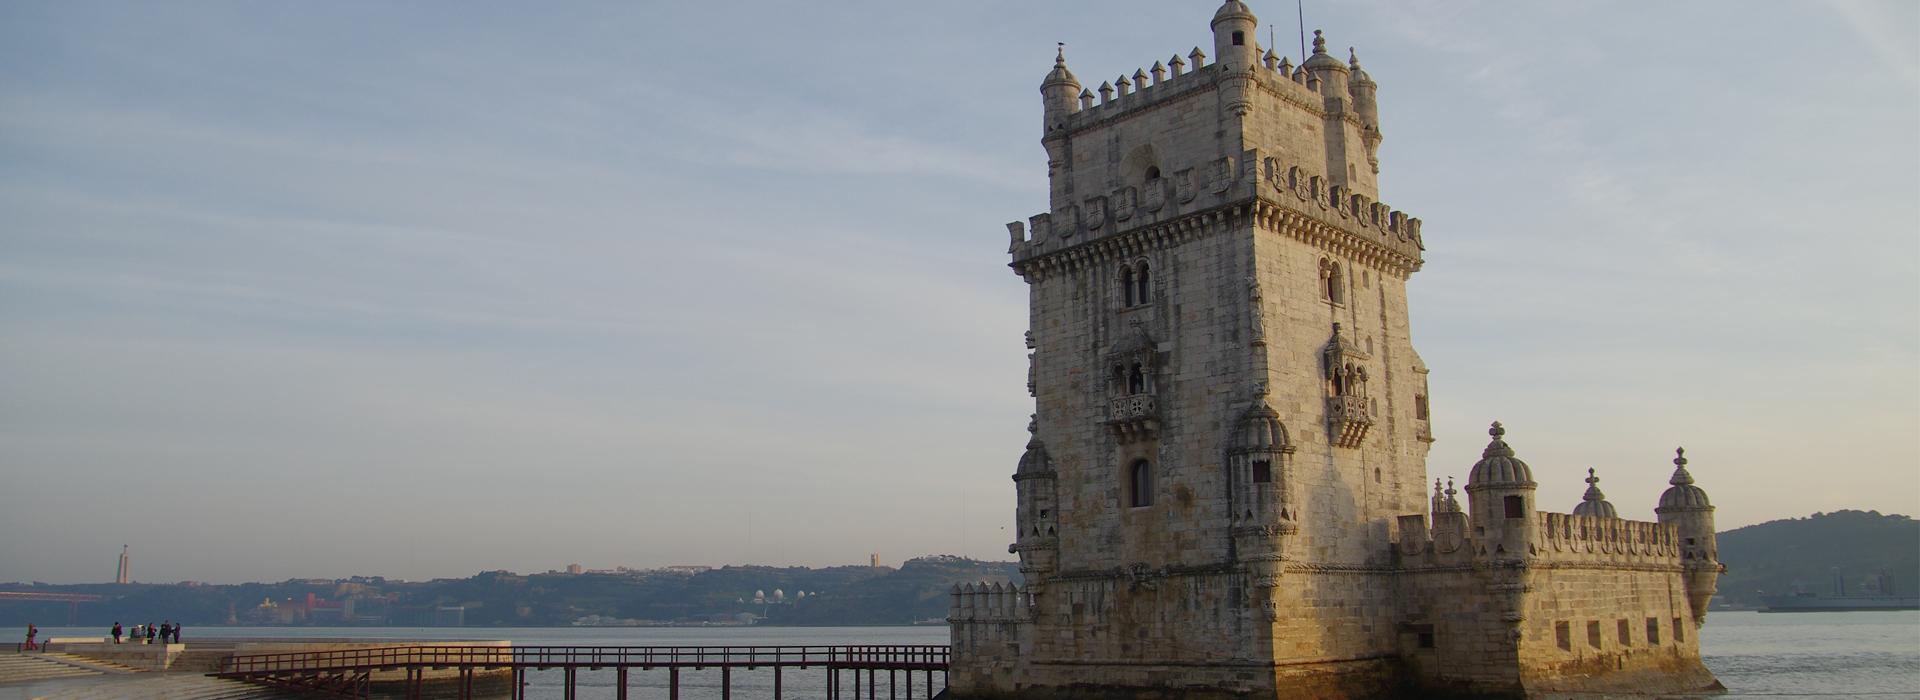 驚艷葡萄牙:帶著旅行的養分,繼續朝未知旅途邁進